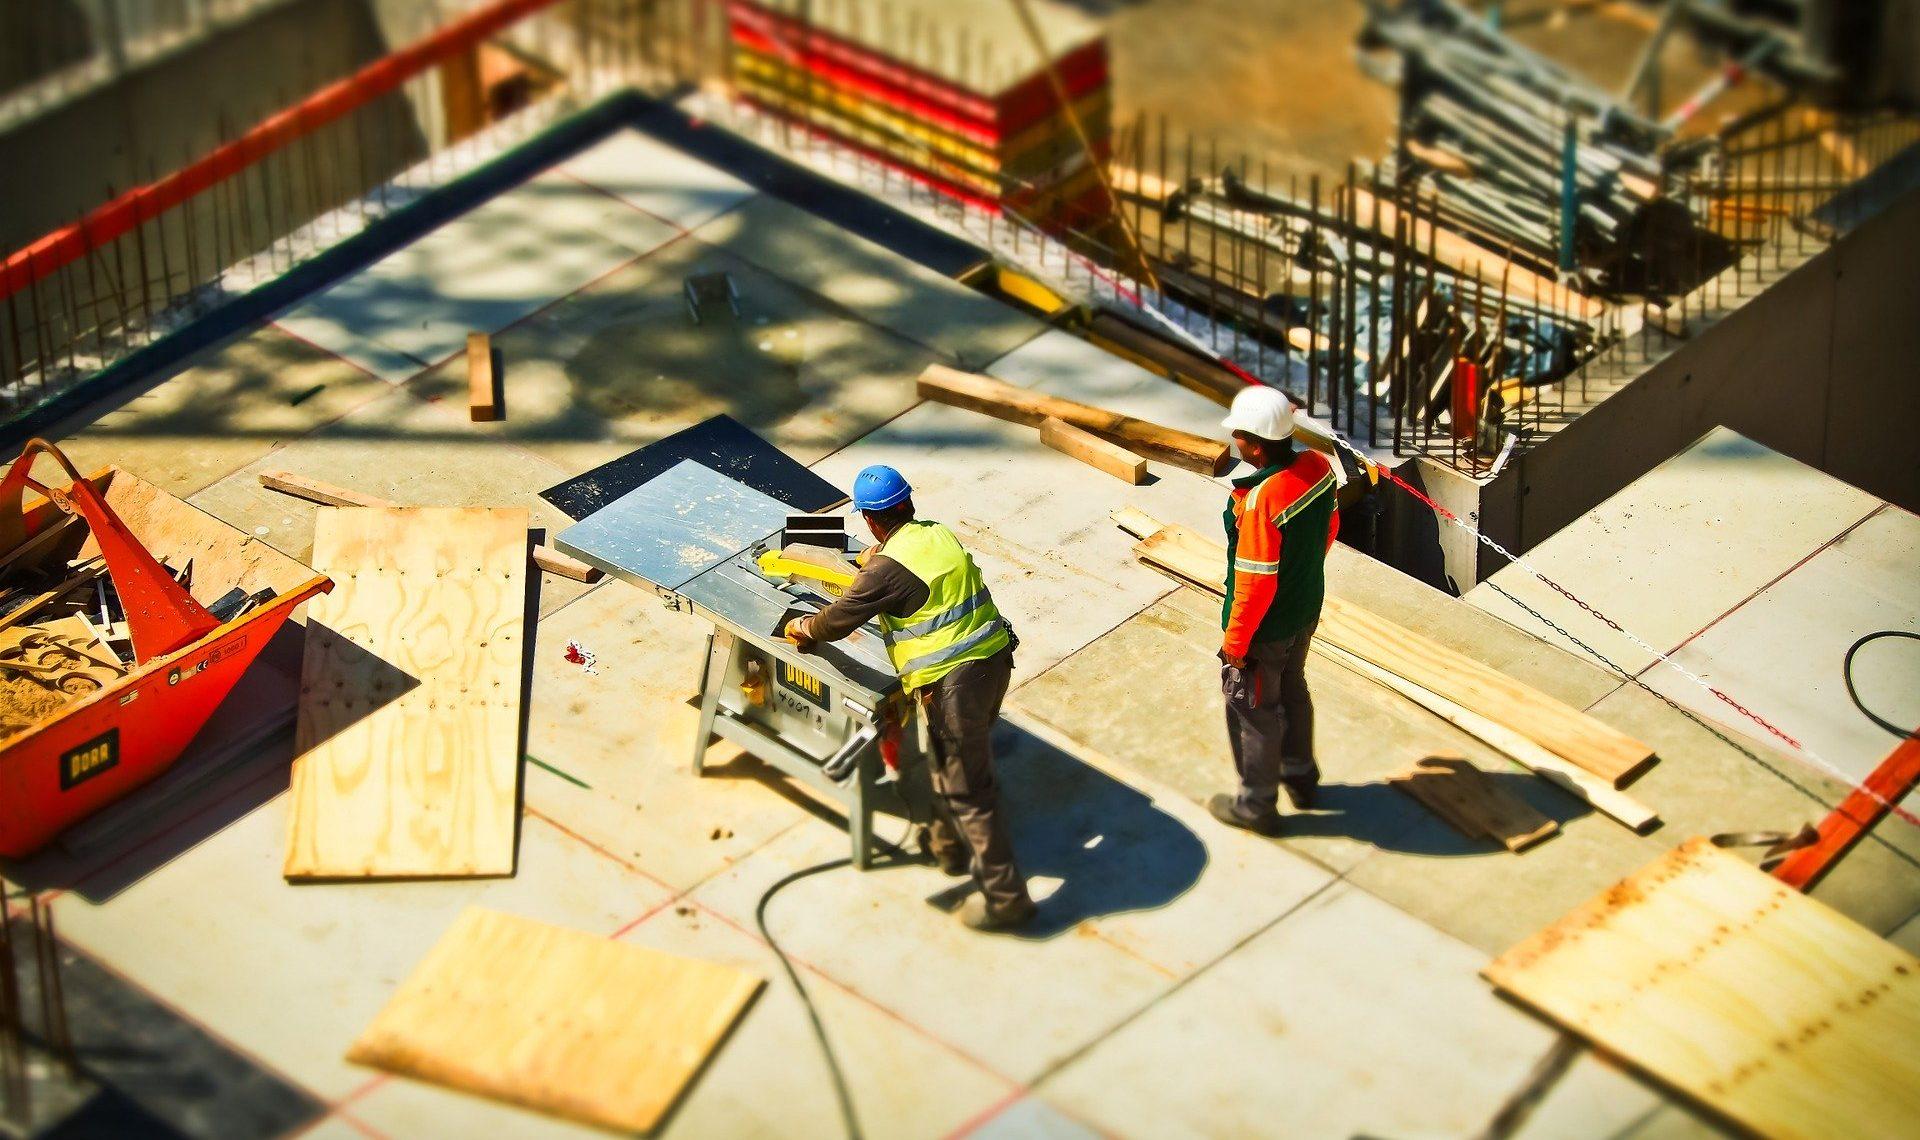 Obligations d'actions de réduction des consommations d'énergie finale dans des bâtiments à usage tertiaire